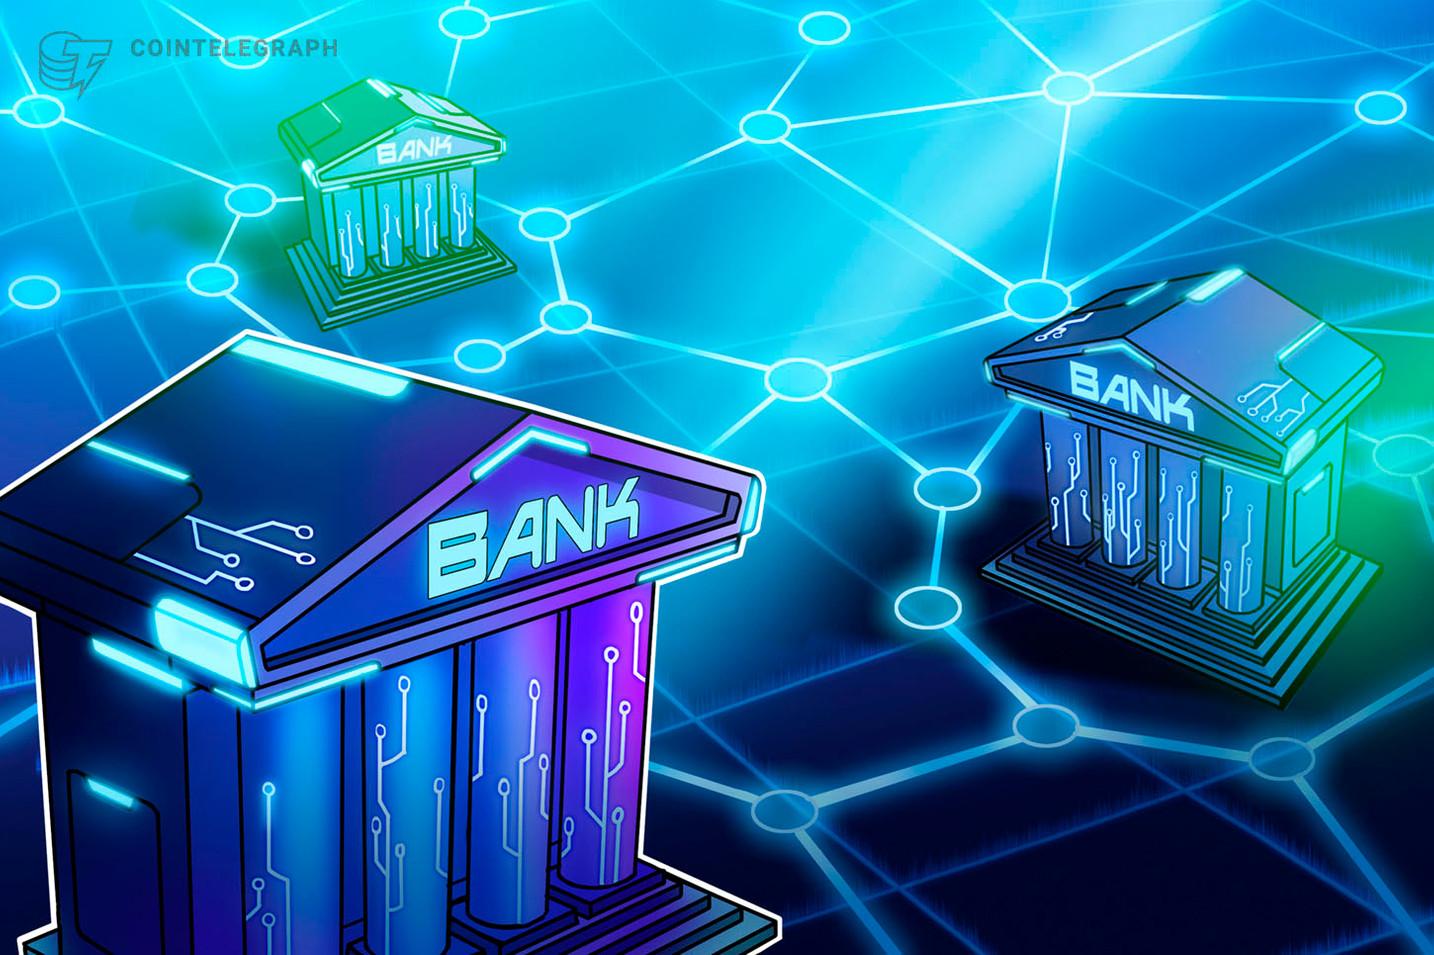 Los principales bancos implicados en la filtración de FinCen reciben una paliza en el mercado de valores